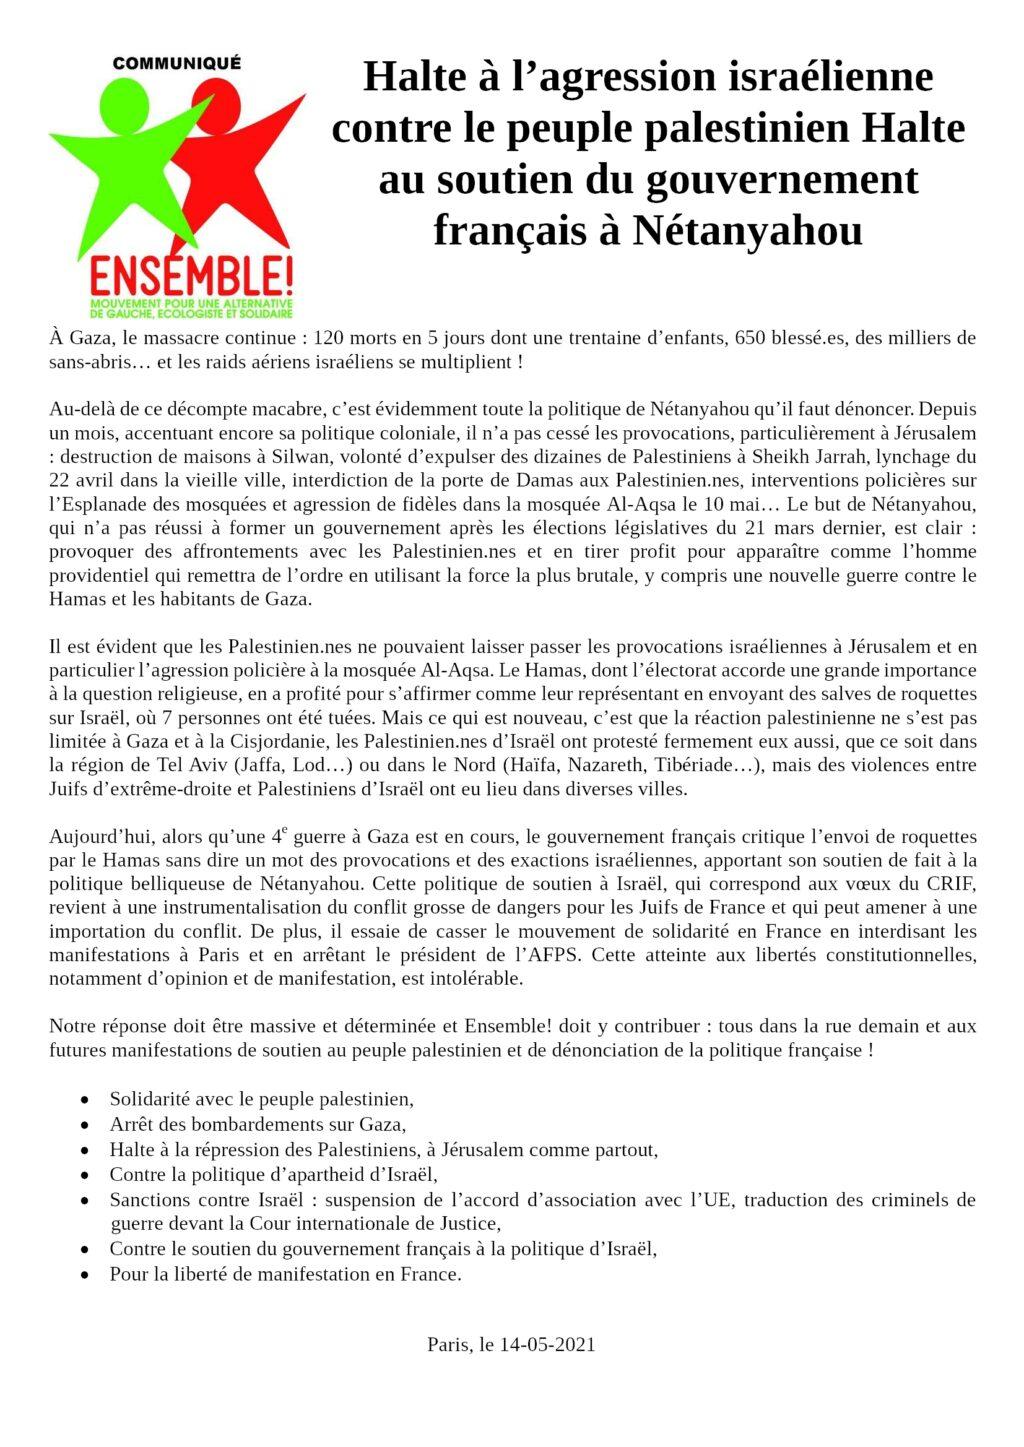 Communiqué de presse d'Ensemble! du 2021-05-14 Halte à l'agression israélienne, Halte au soutien du gouvernement français à Nétanyahou